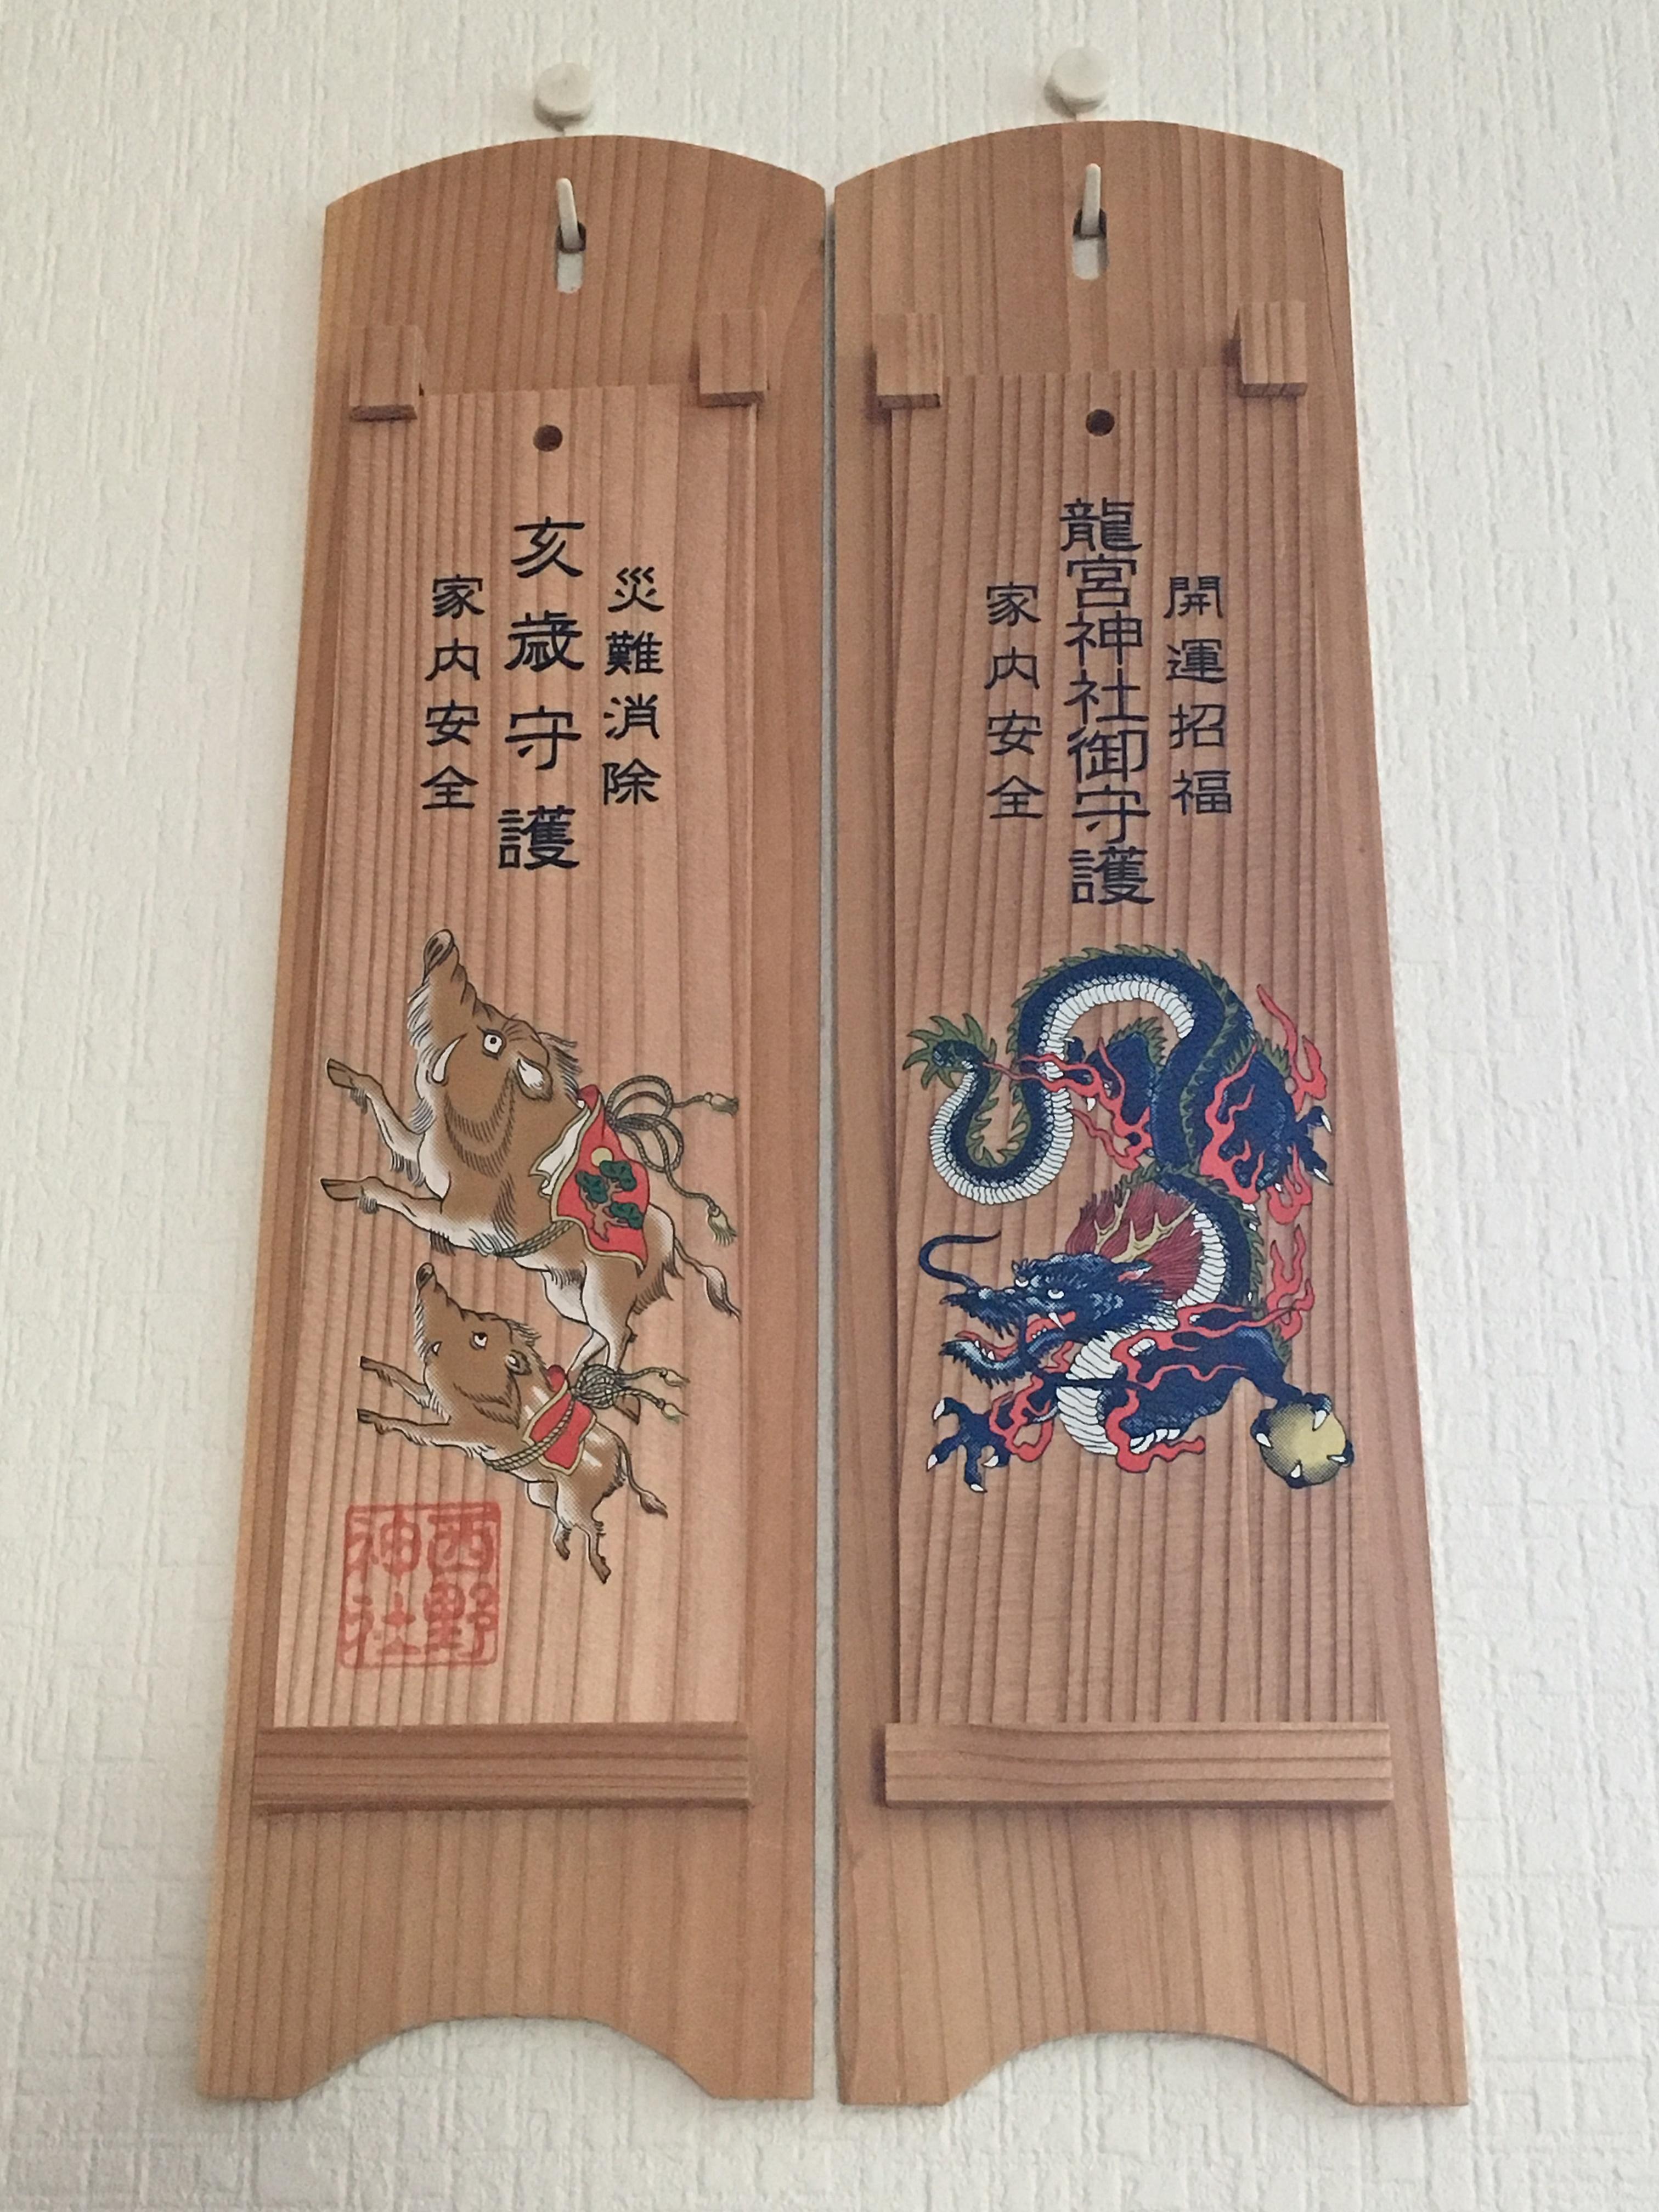 西野神社干支守護札 亥+龍宮神社龍神札.JPG